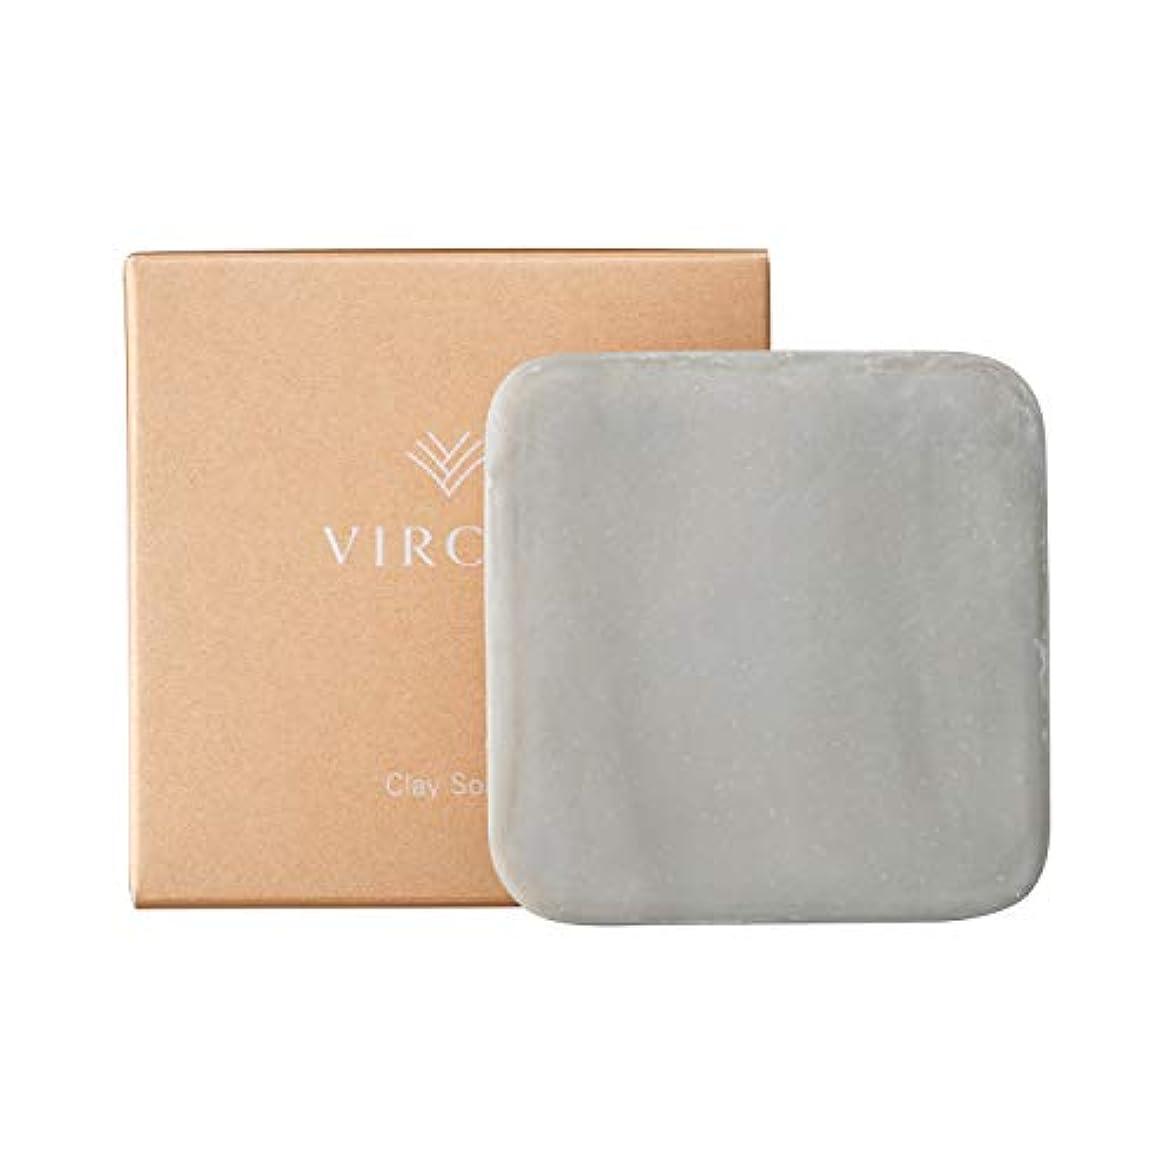 メモショップまぶしさクレイソープ/マルラオイル(Marula Oil)配合/天然クレイと美容成分で肌をいたわる洗顔/80g(約60日分)